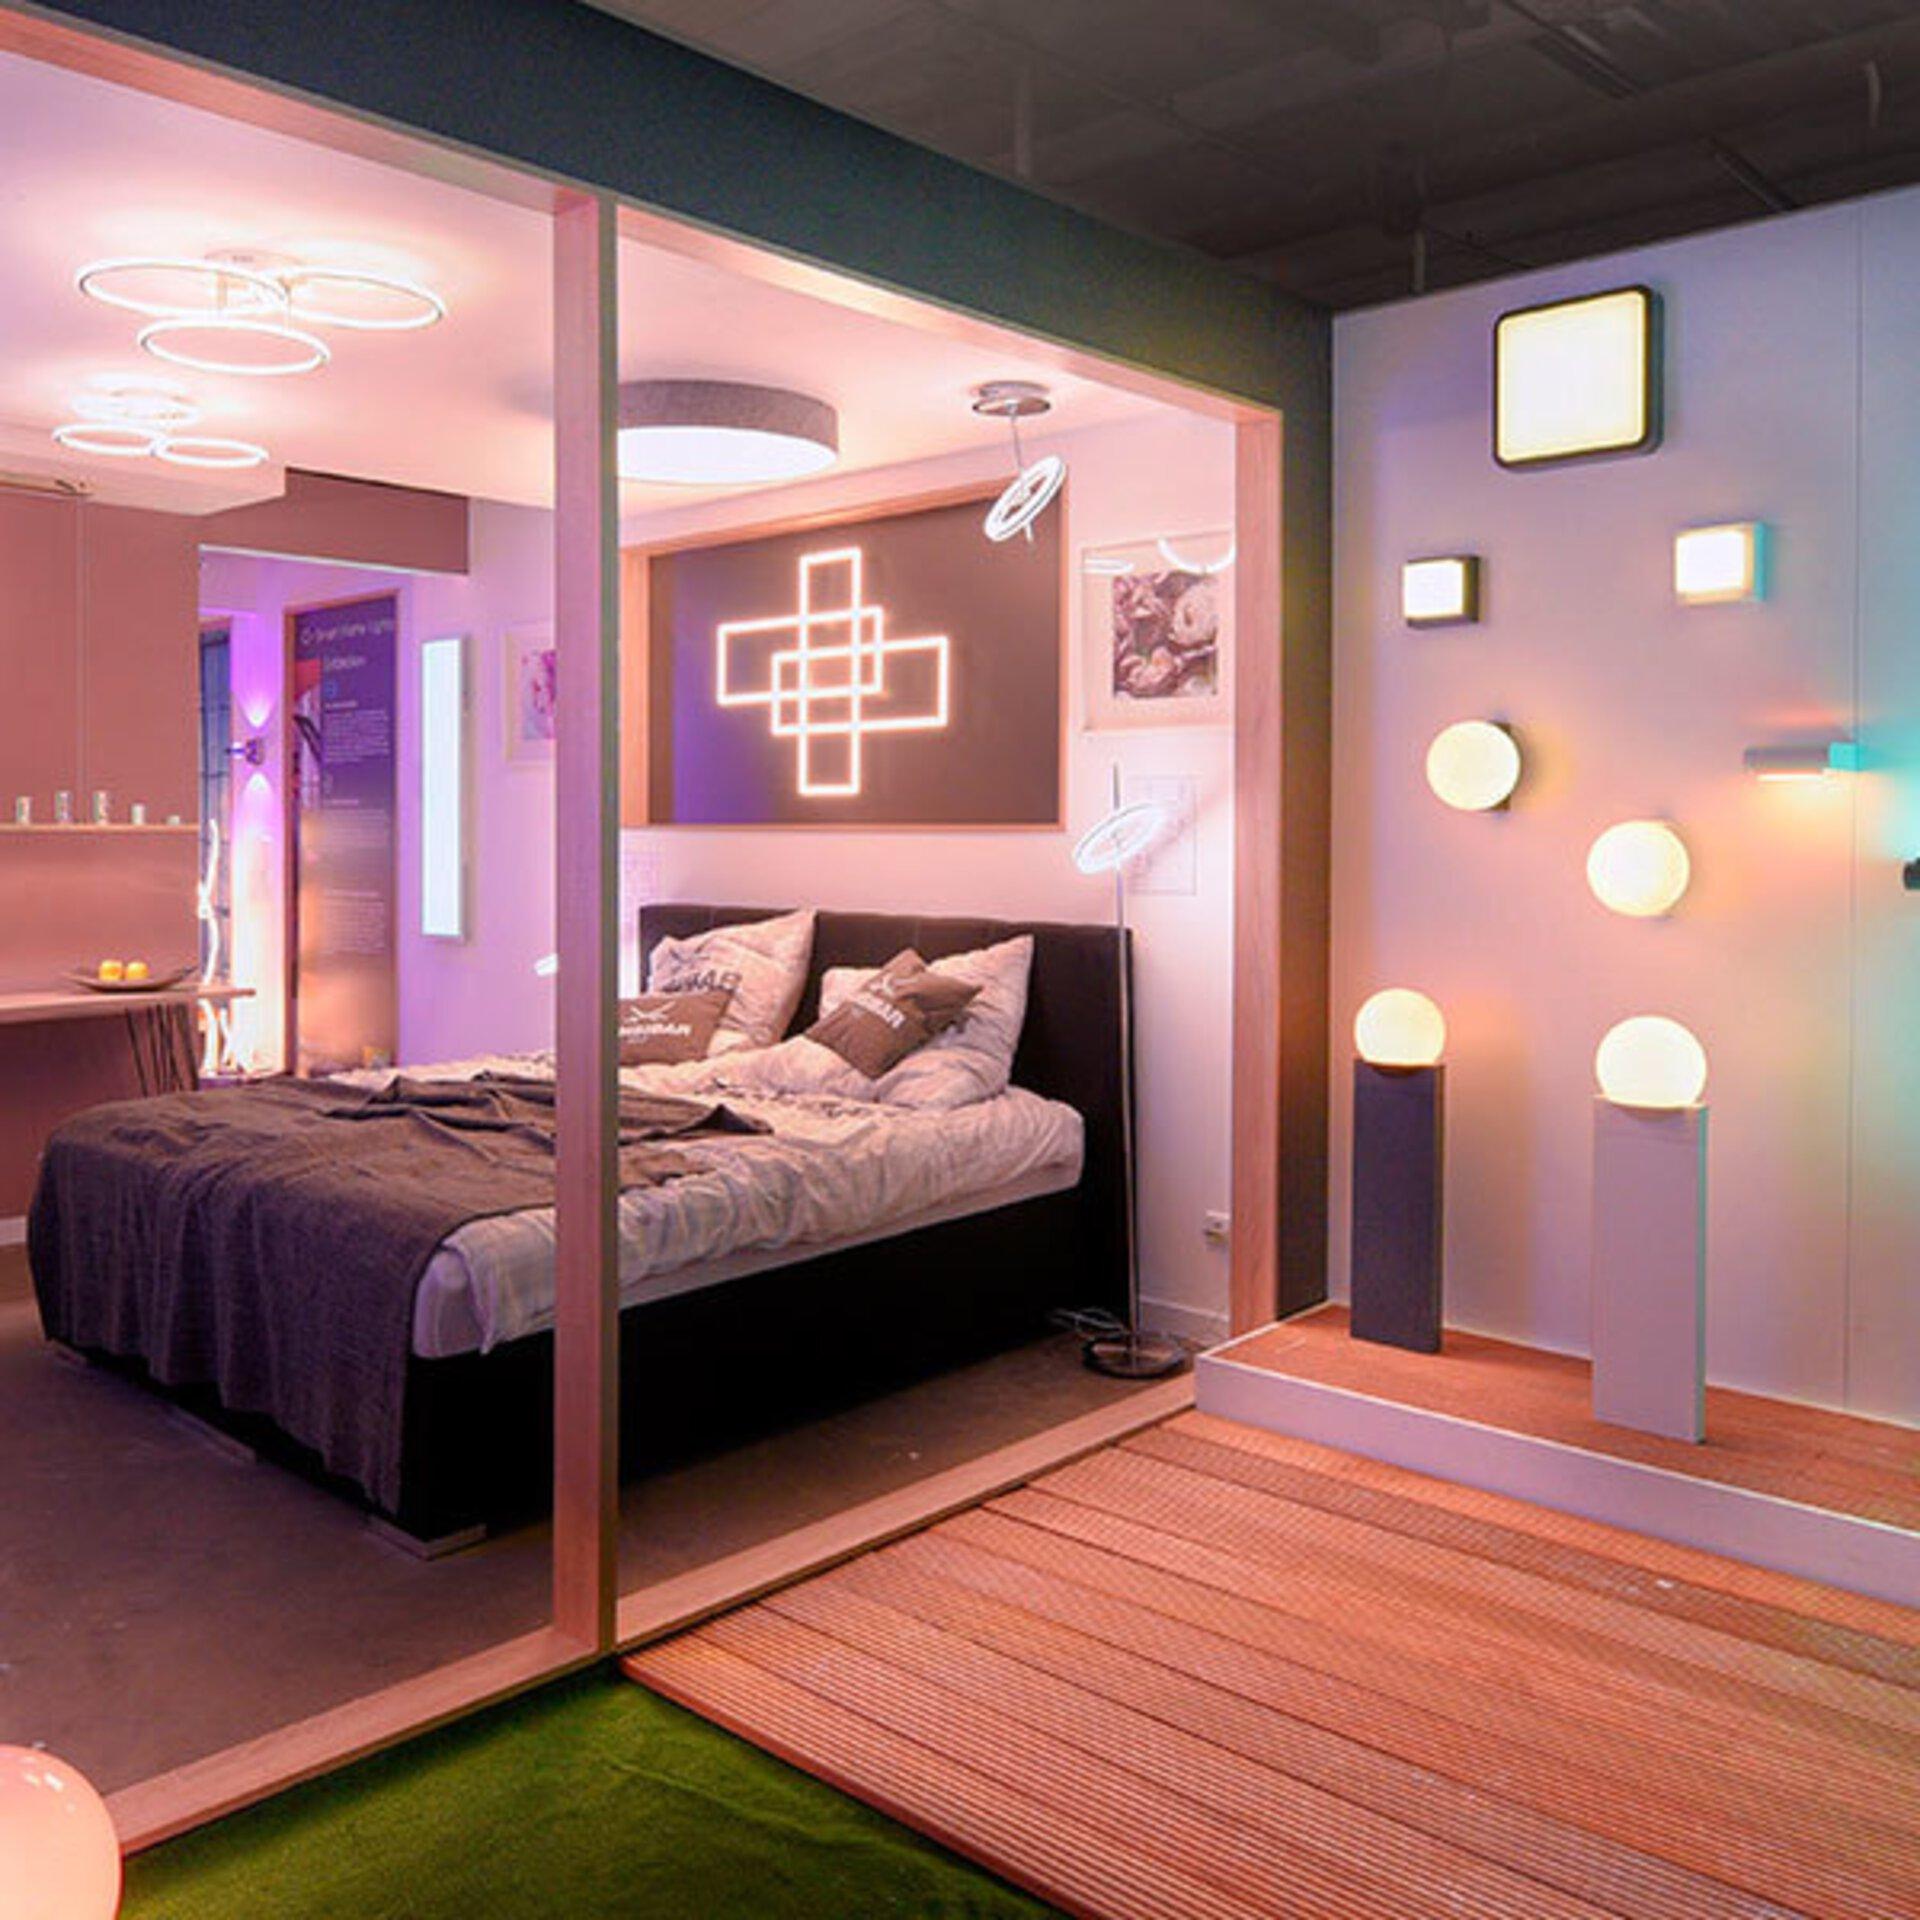 """Ein Ausstellungsraum der in verschiedene Lichtfarben geteilt ist, dient als Inspirationsbild für passende """"Smart Home Leuchten"""" innerhalb des Inspirationsbereichs."""